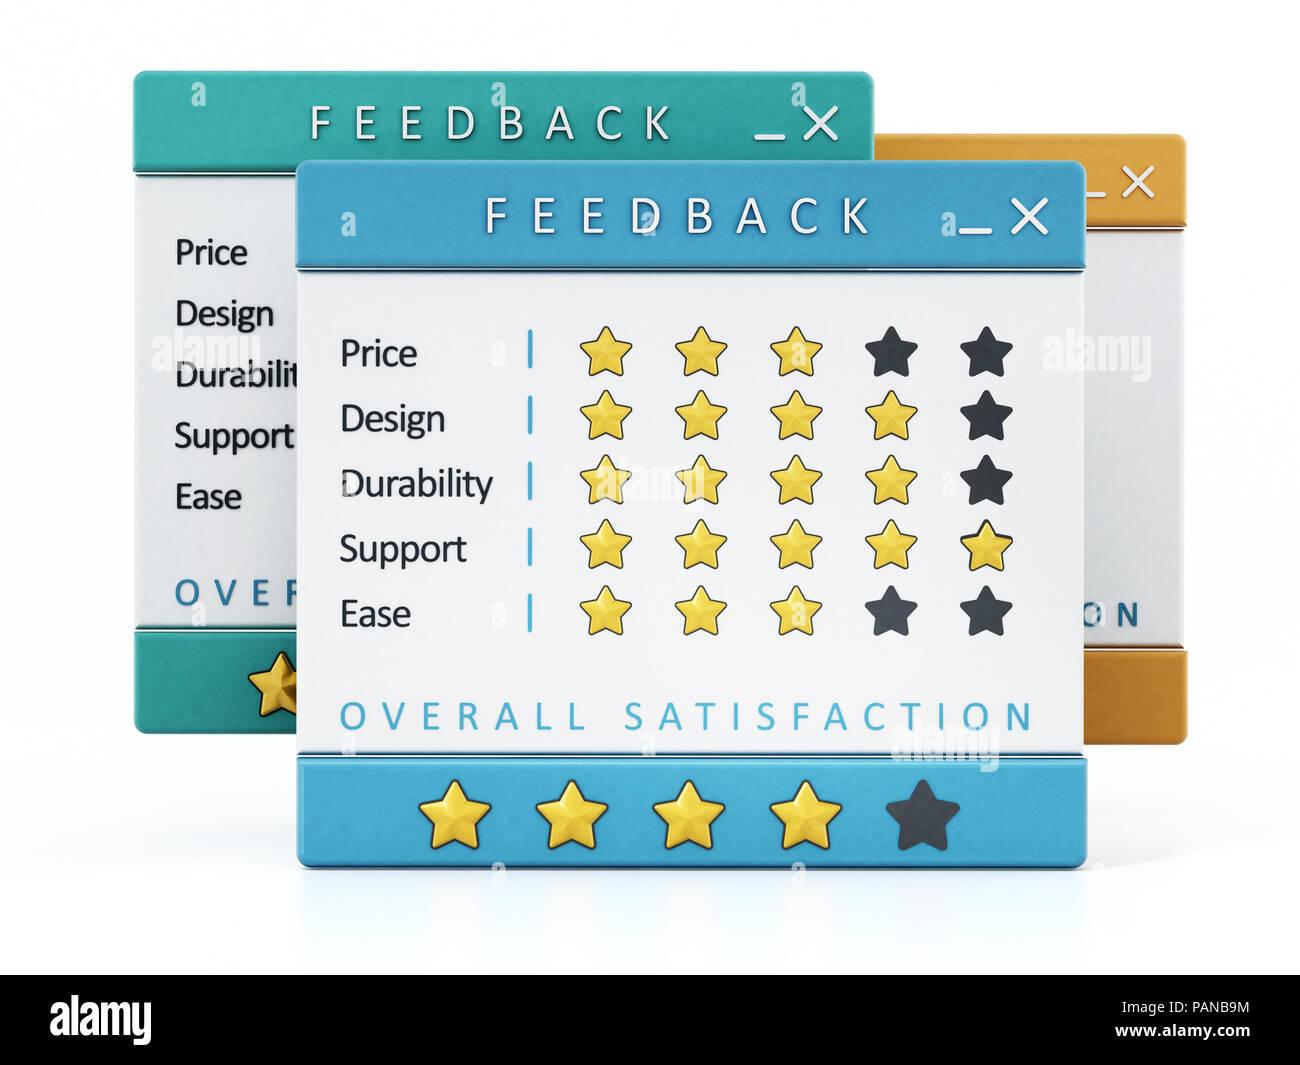 Umfragen zur Kundenzufriedenheit auf weißem Hintergrund. 3D-Darstellung. Stockbild